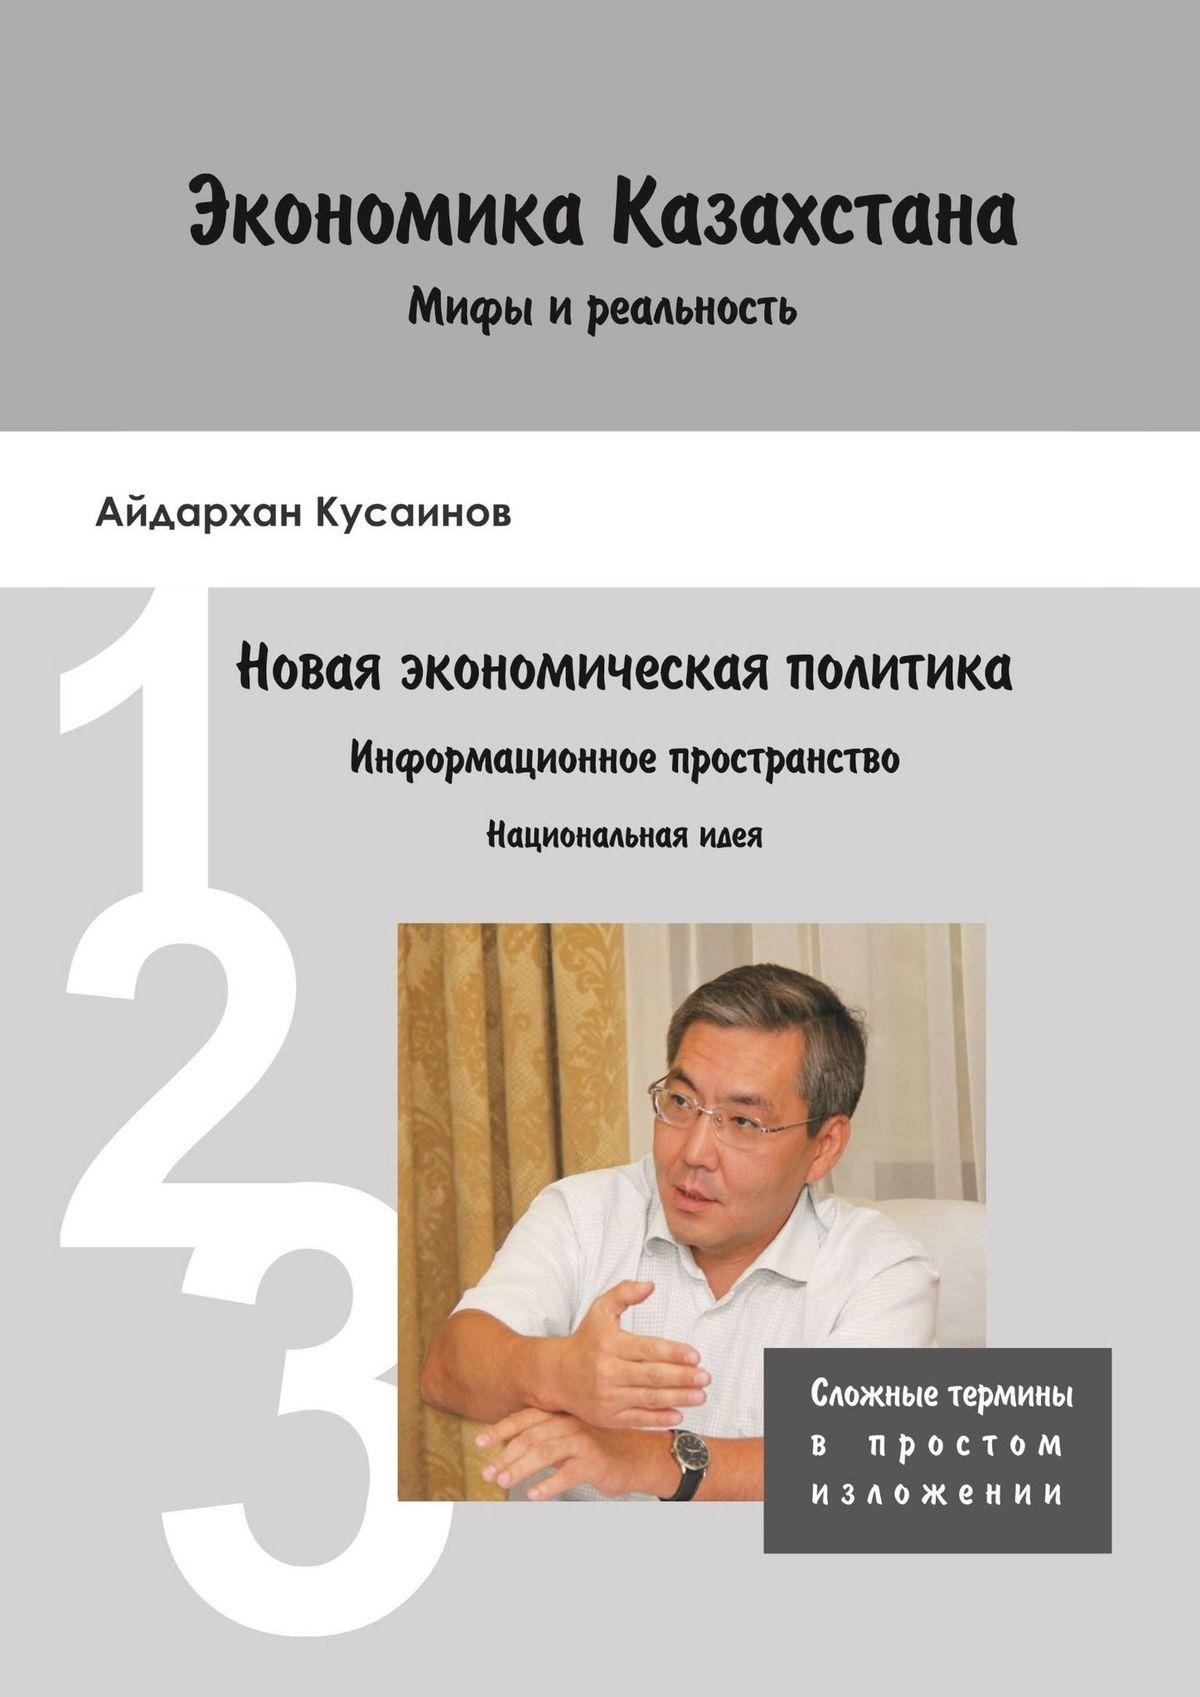 Айдархан Кусаинов Экономика Казахстана. Мифы и реальность. Новая экономическая политика Информационное пространство. Национальная идея мединский в культурная политика и национальная идея